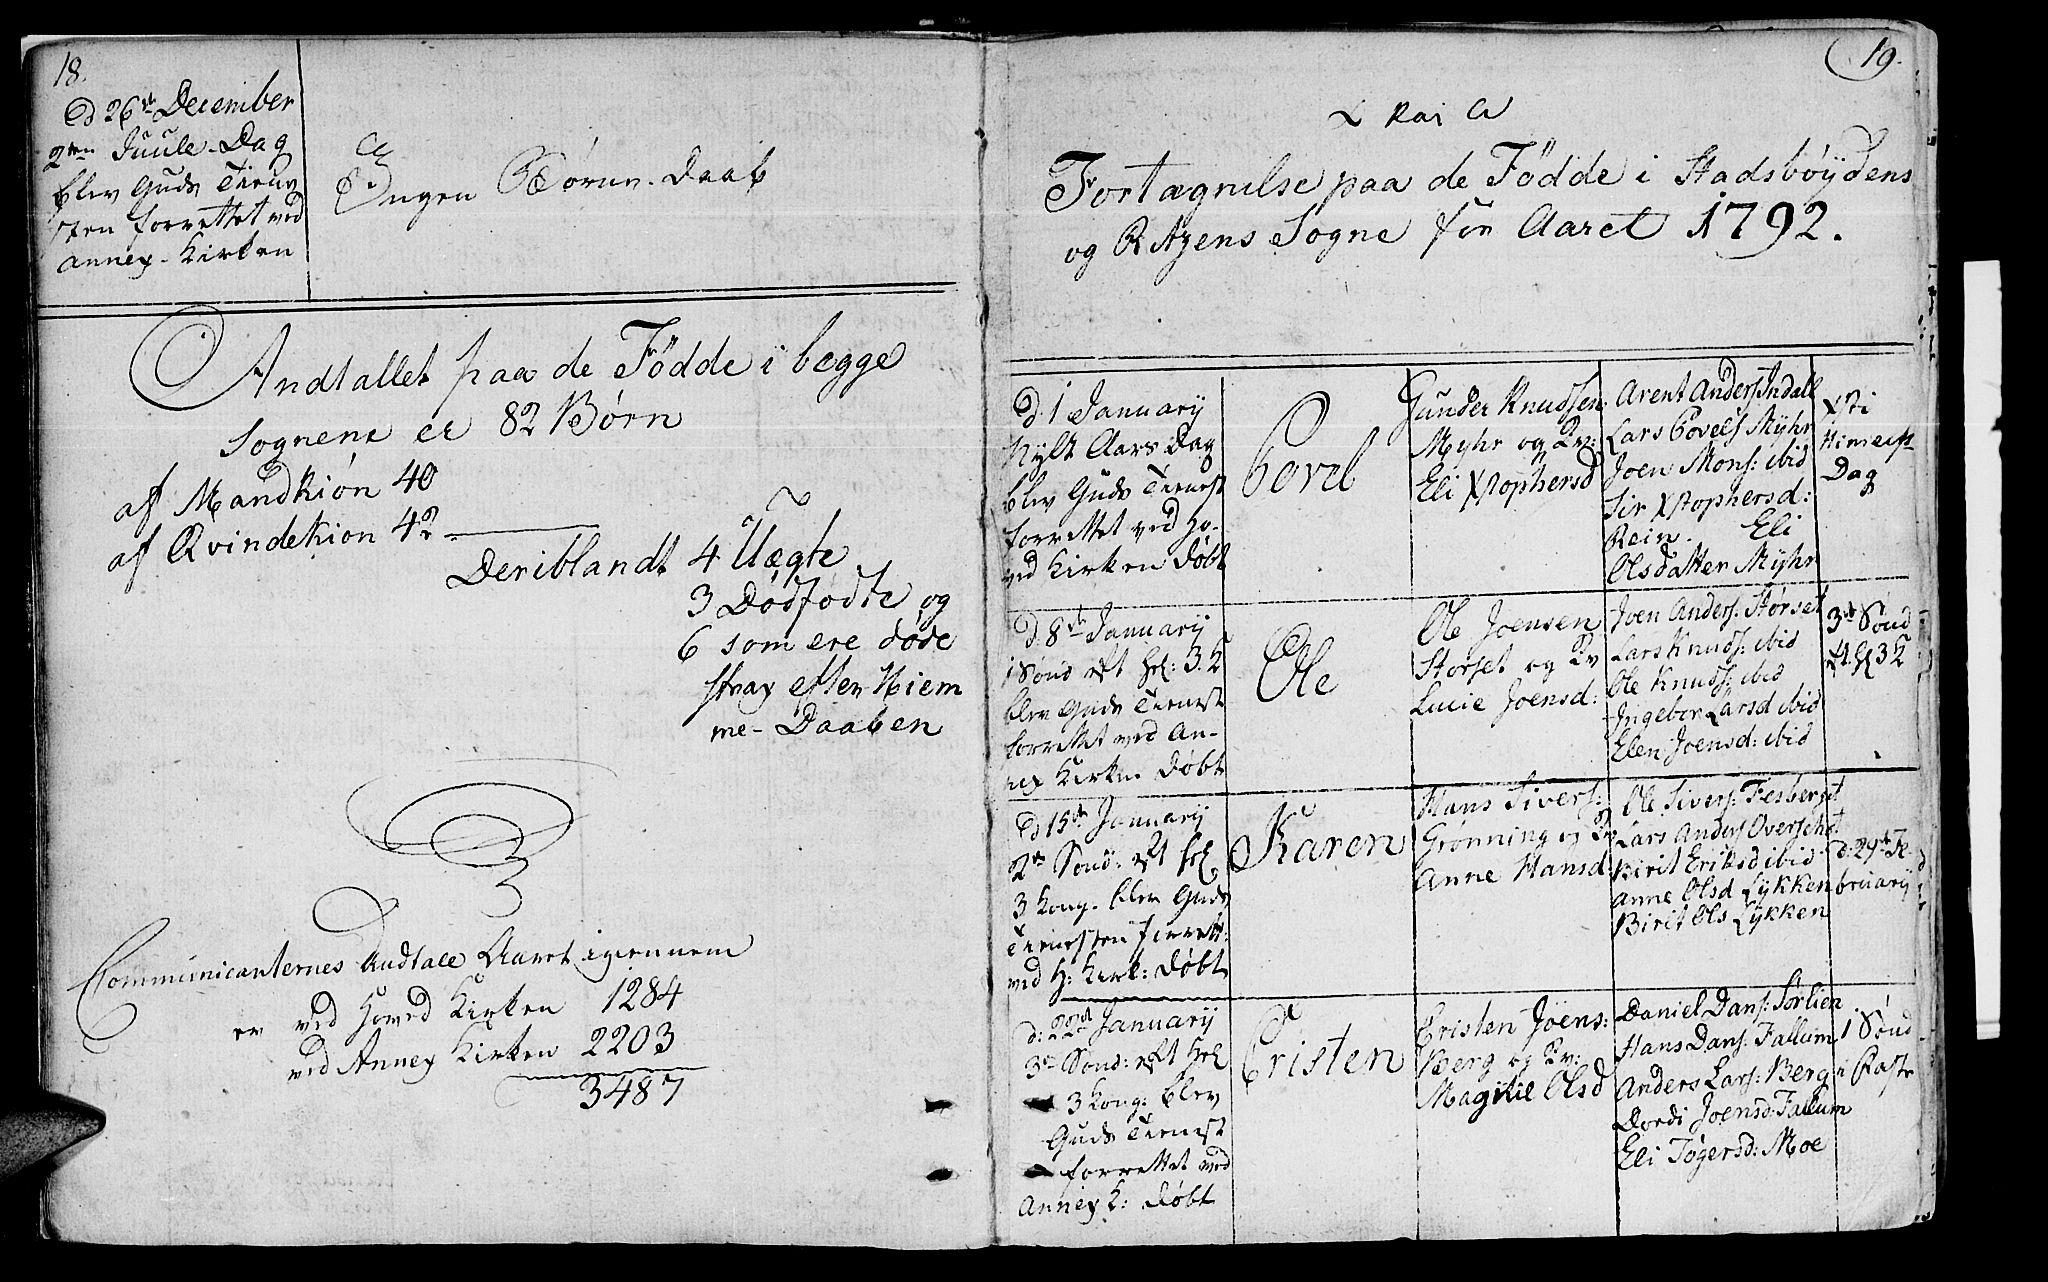 SAT, Ministerialprotokoller, klokkerbøker og fødselsregistre - Sør-Trøndelag, 646/L0606: Ministerialbok nr. 646A04, 1791-1805, s. 18-19